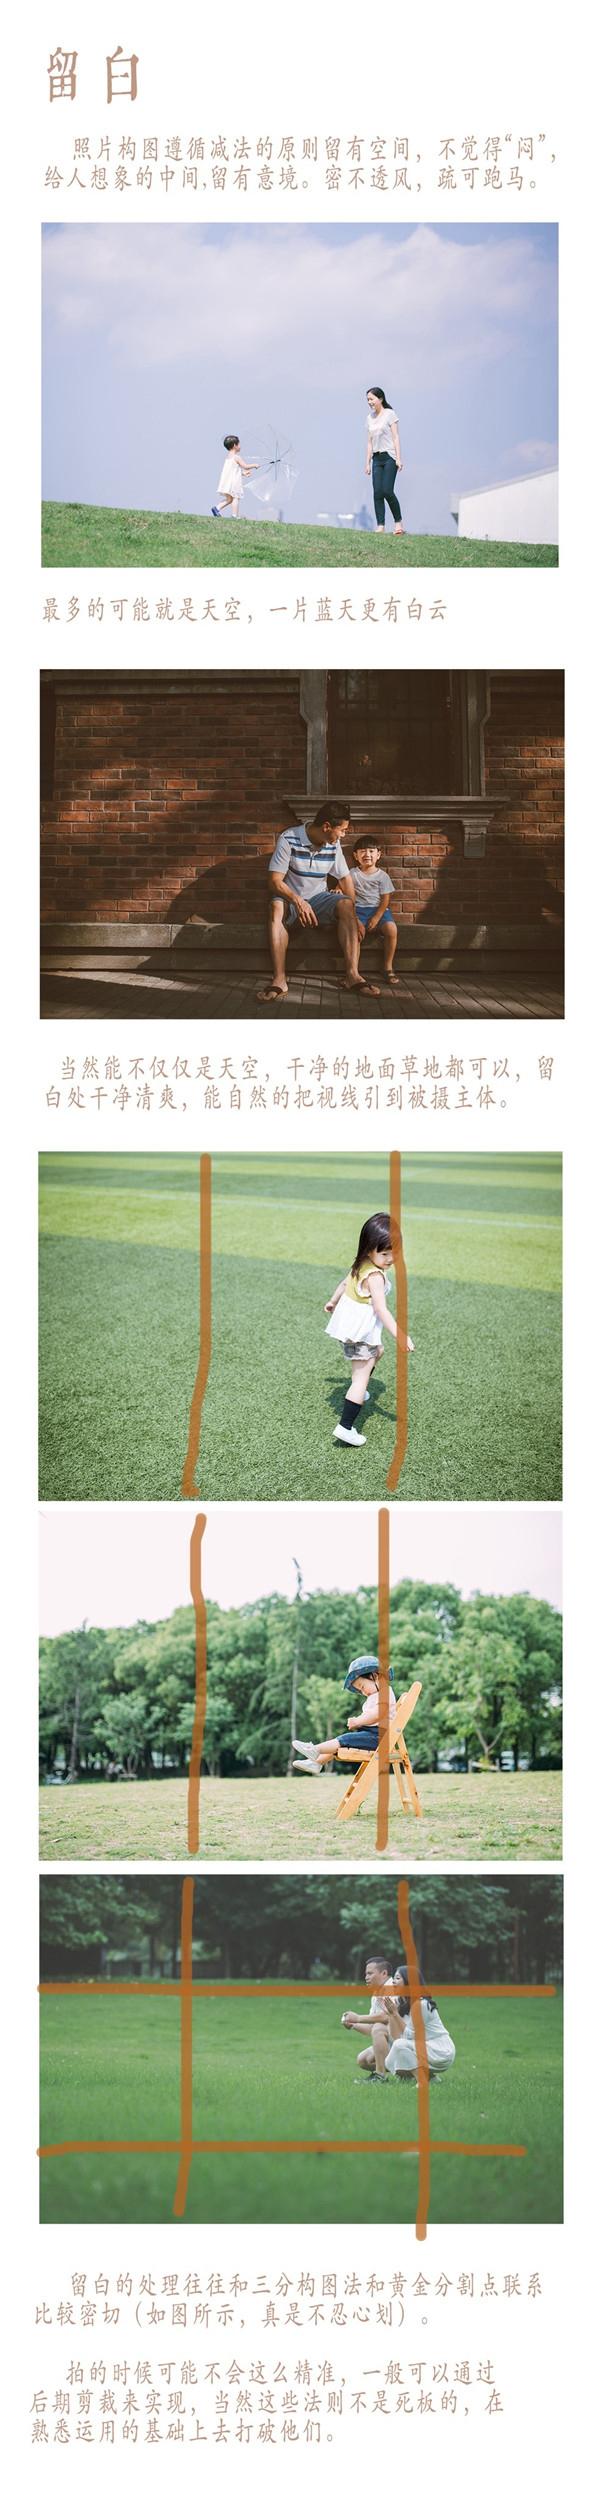 淺談關于兒童外景前期拍攝的七點理解